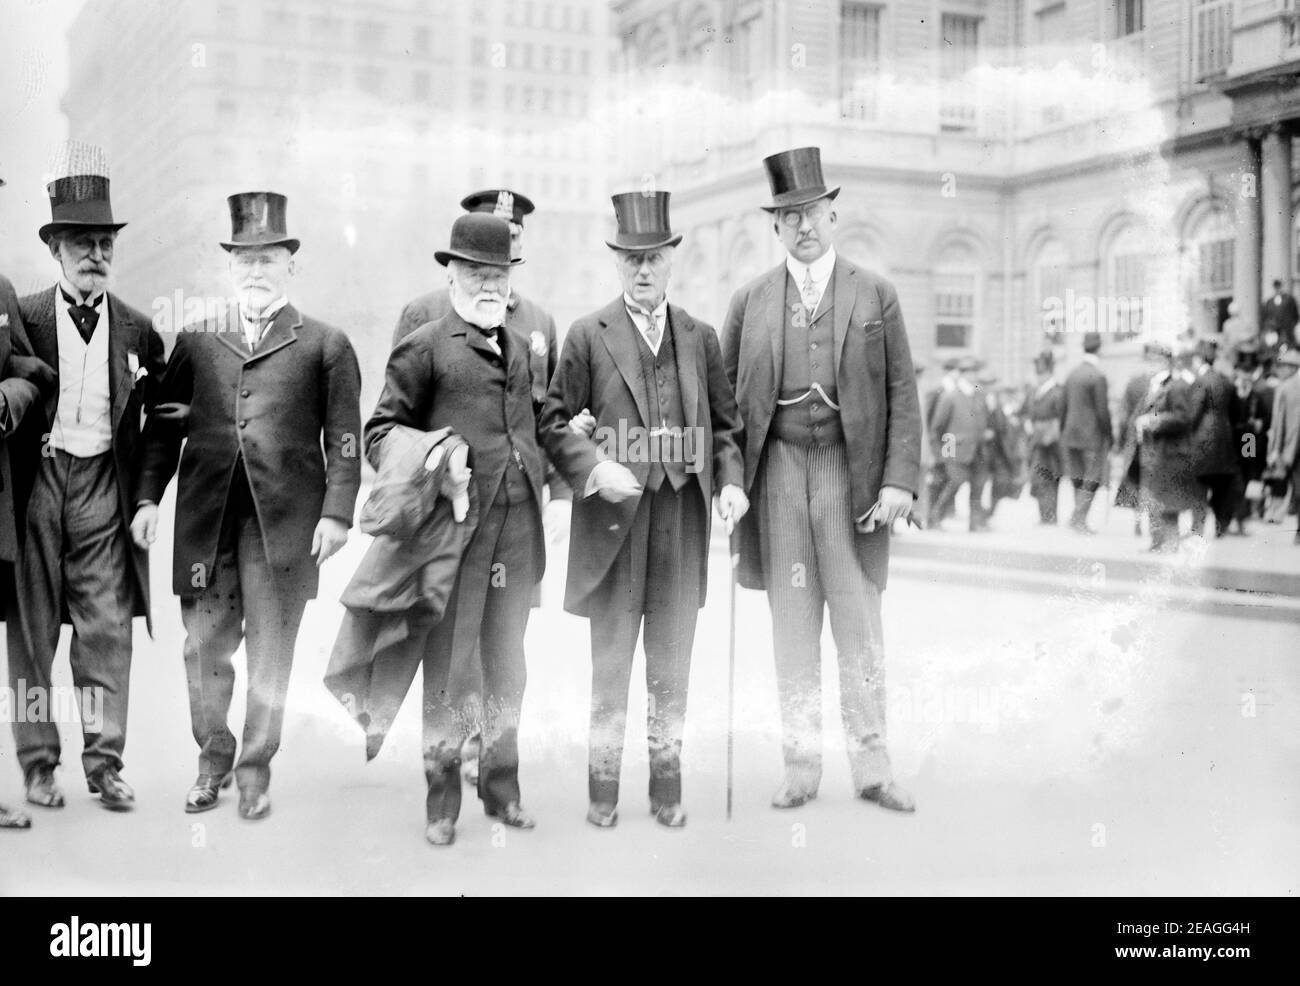 Andrew Carnegie (1835-1919) et Philip James Stanhope, 1er baron Weardale (1847-1923), membres du Comité anglo-américain du centenaire de la paix, devant l'hôtel de ville de New York, mai 1913 Banque D'Images